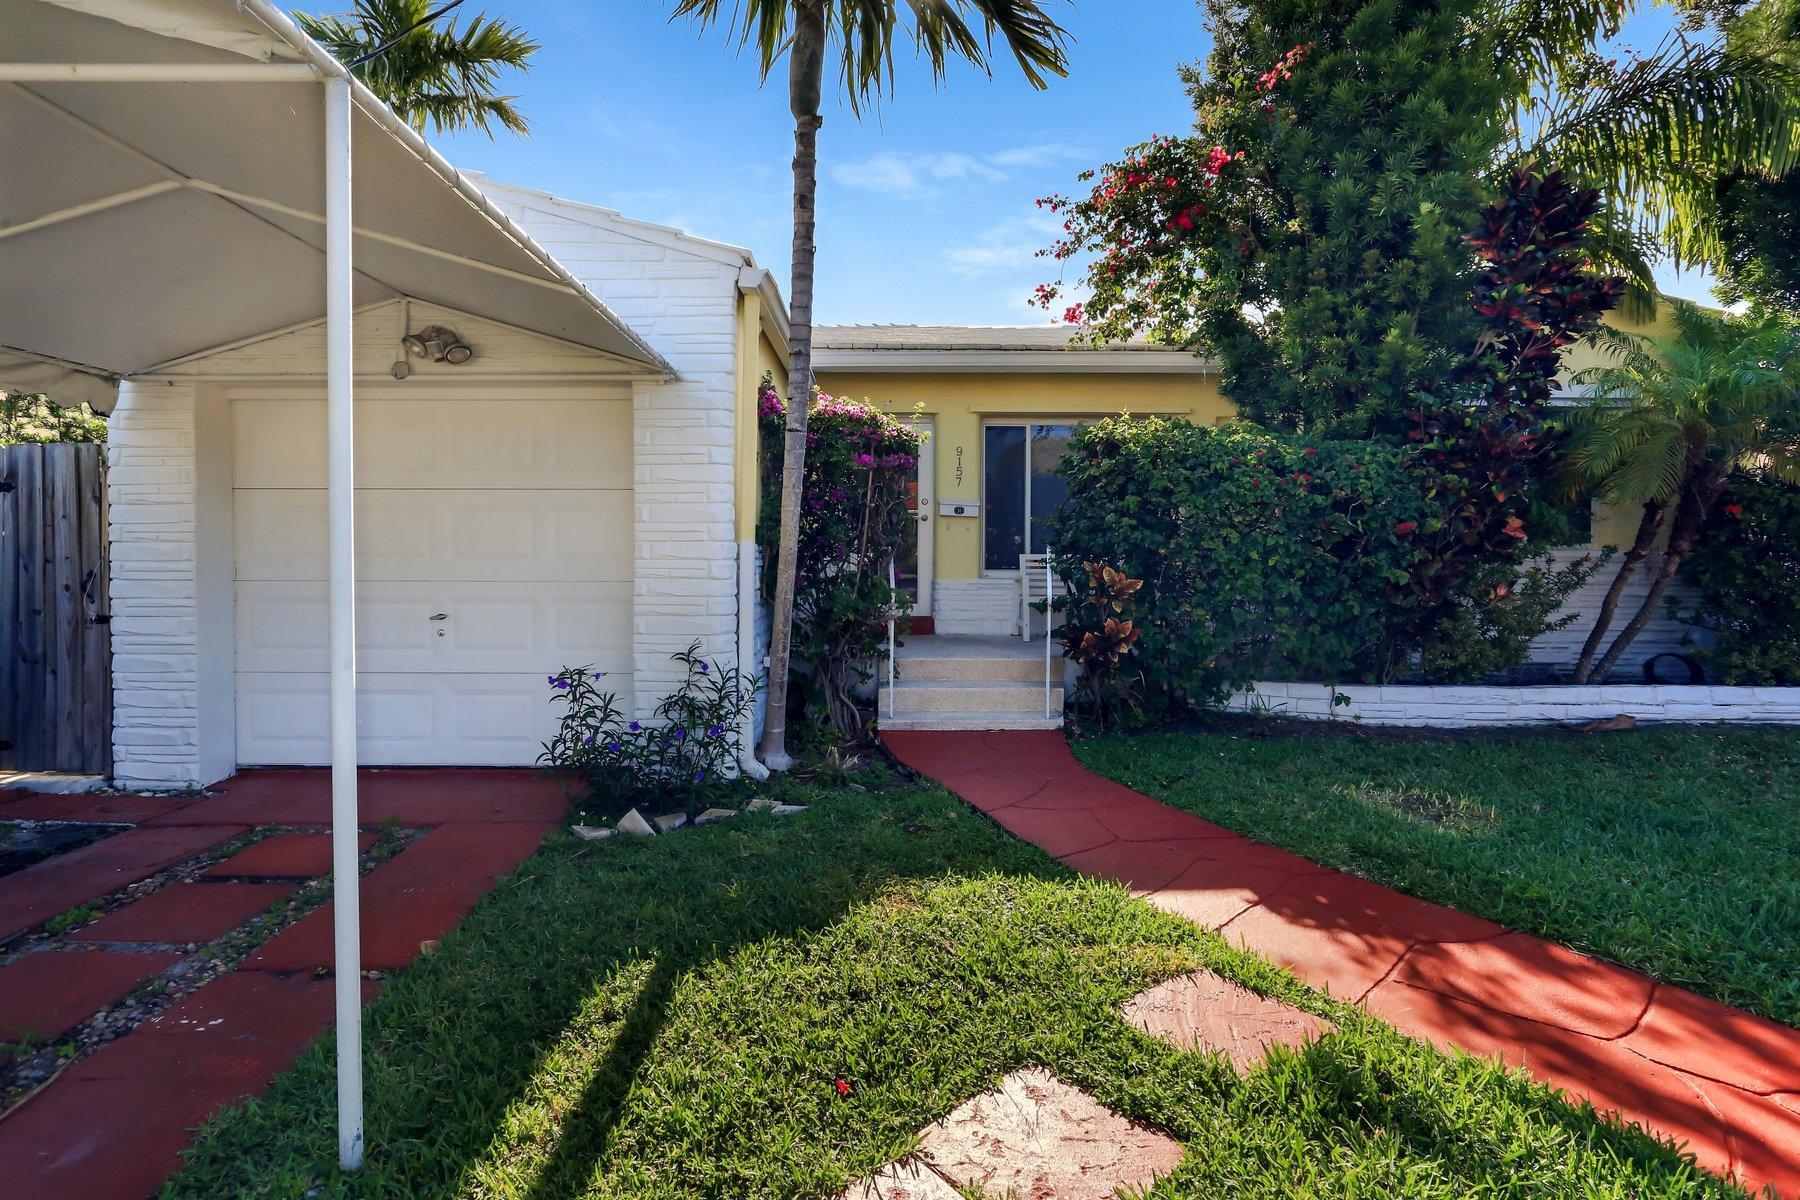 Single Family Home for Sale at 9157 Dickens Av 9157 Dickens Av Surfside, Florida 33154 United States